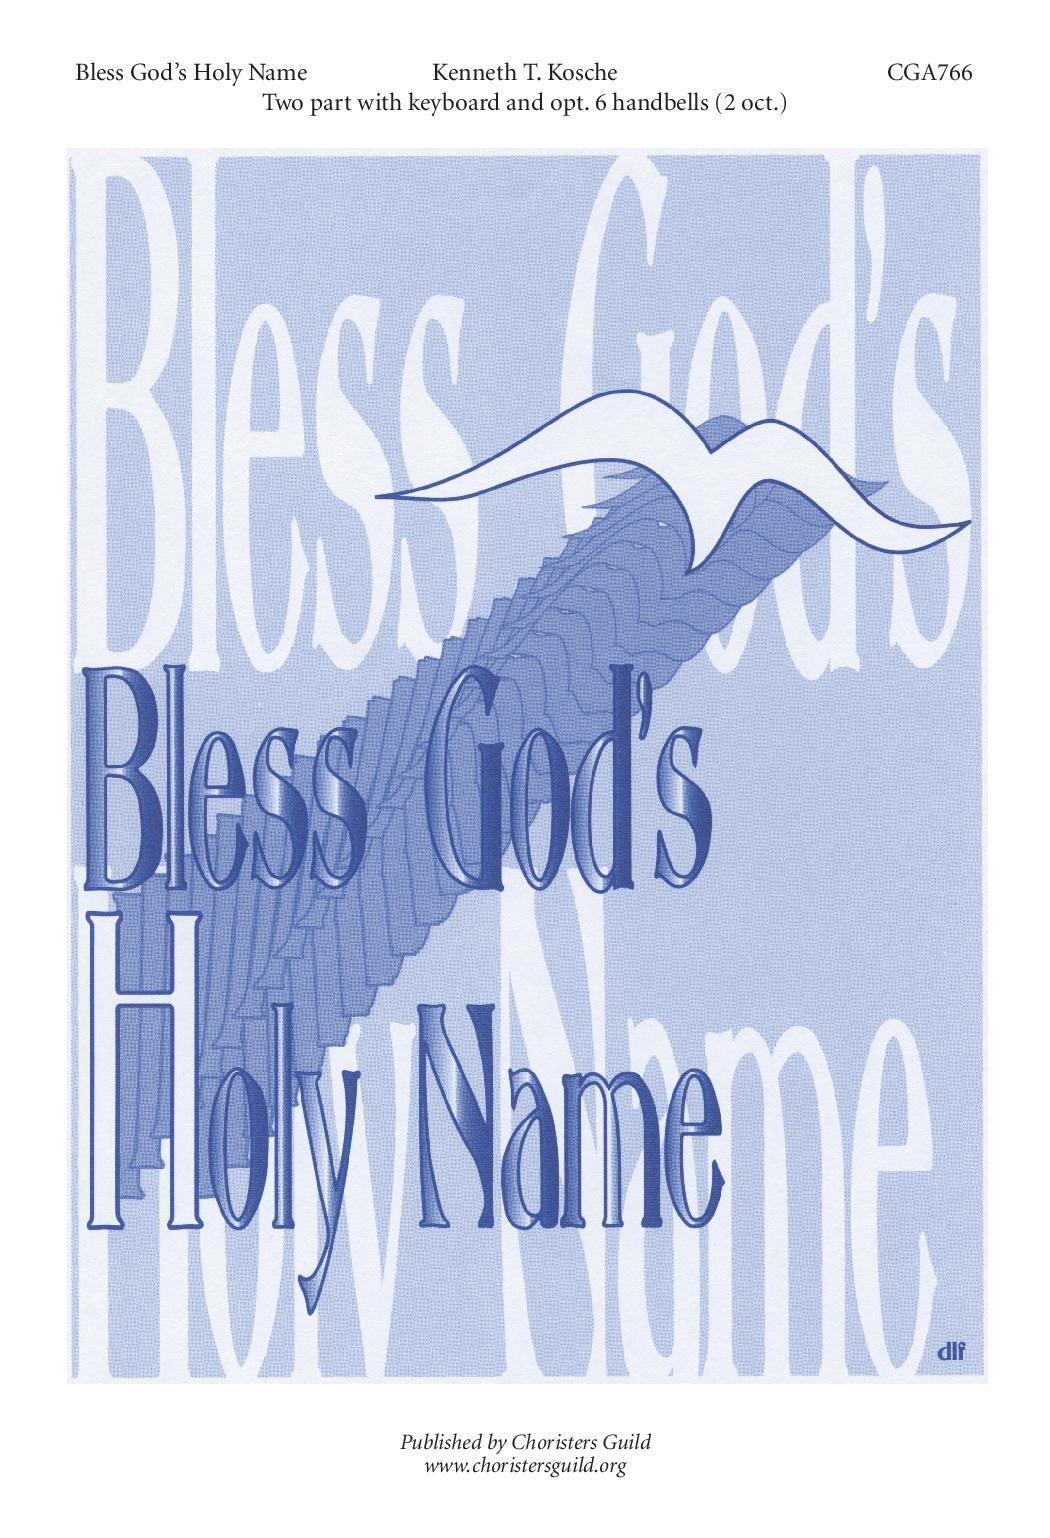 Bless God's Holy Name